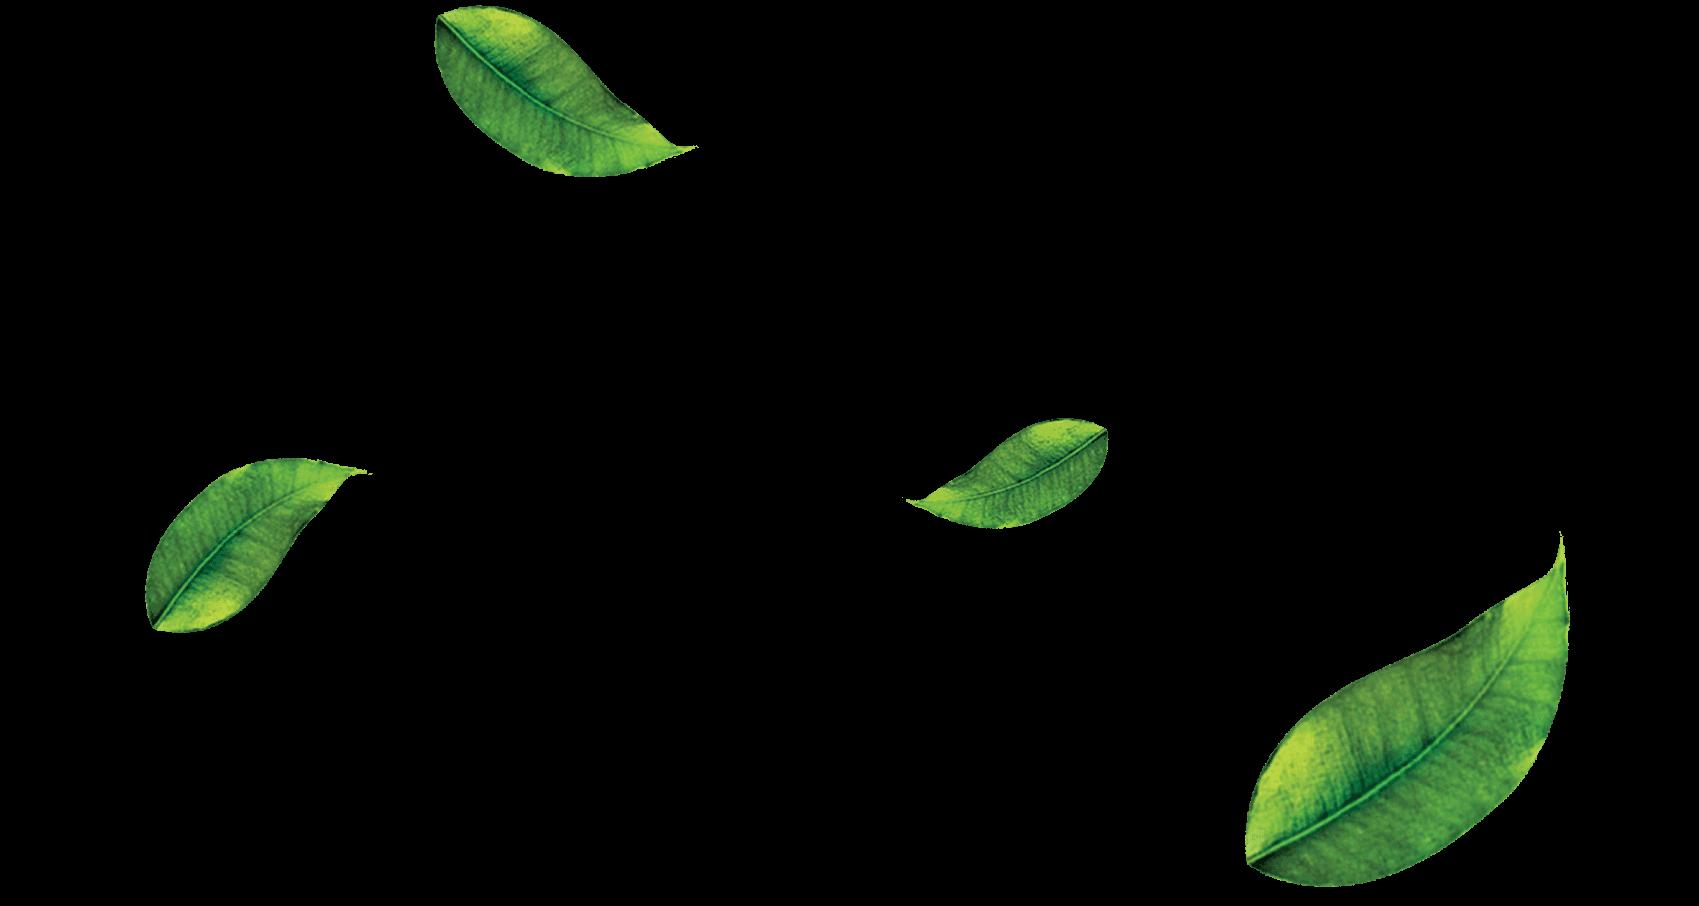 Leaf Png image #38628